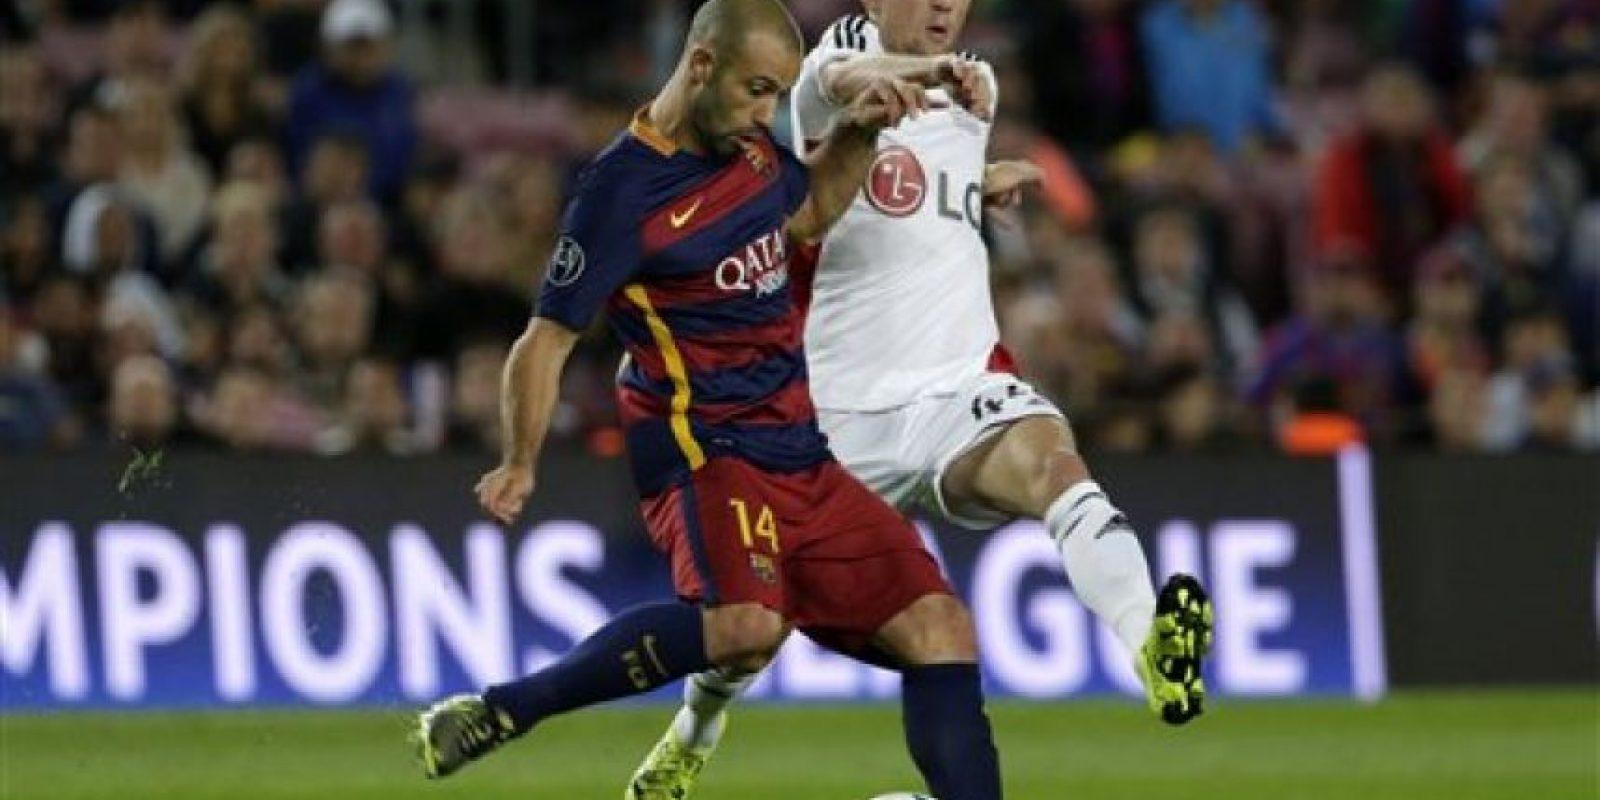 El cuadro azulgrana consiguió en el Camp Nou su segundo triunfo en la competición. Foto:AP